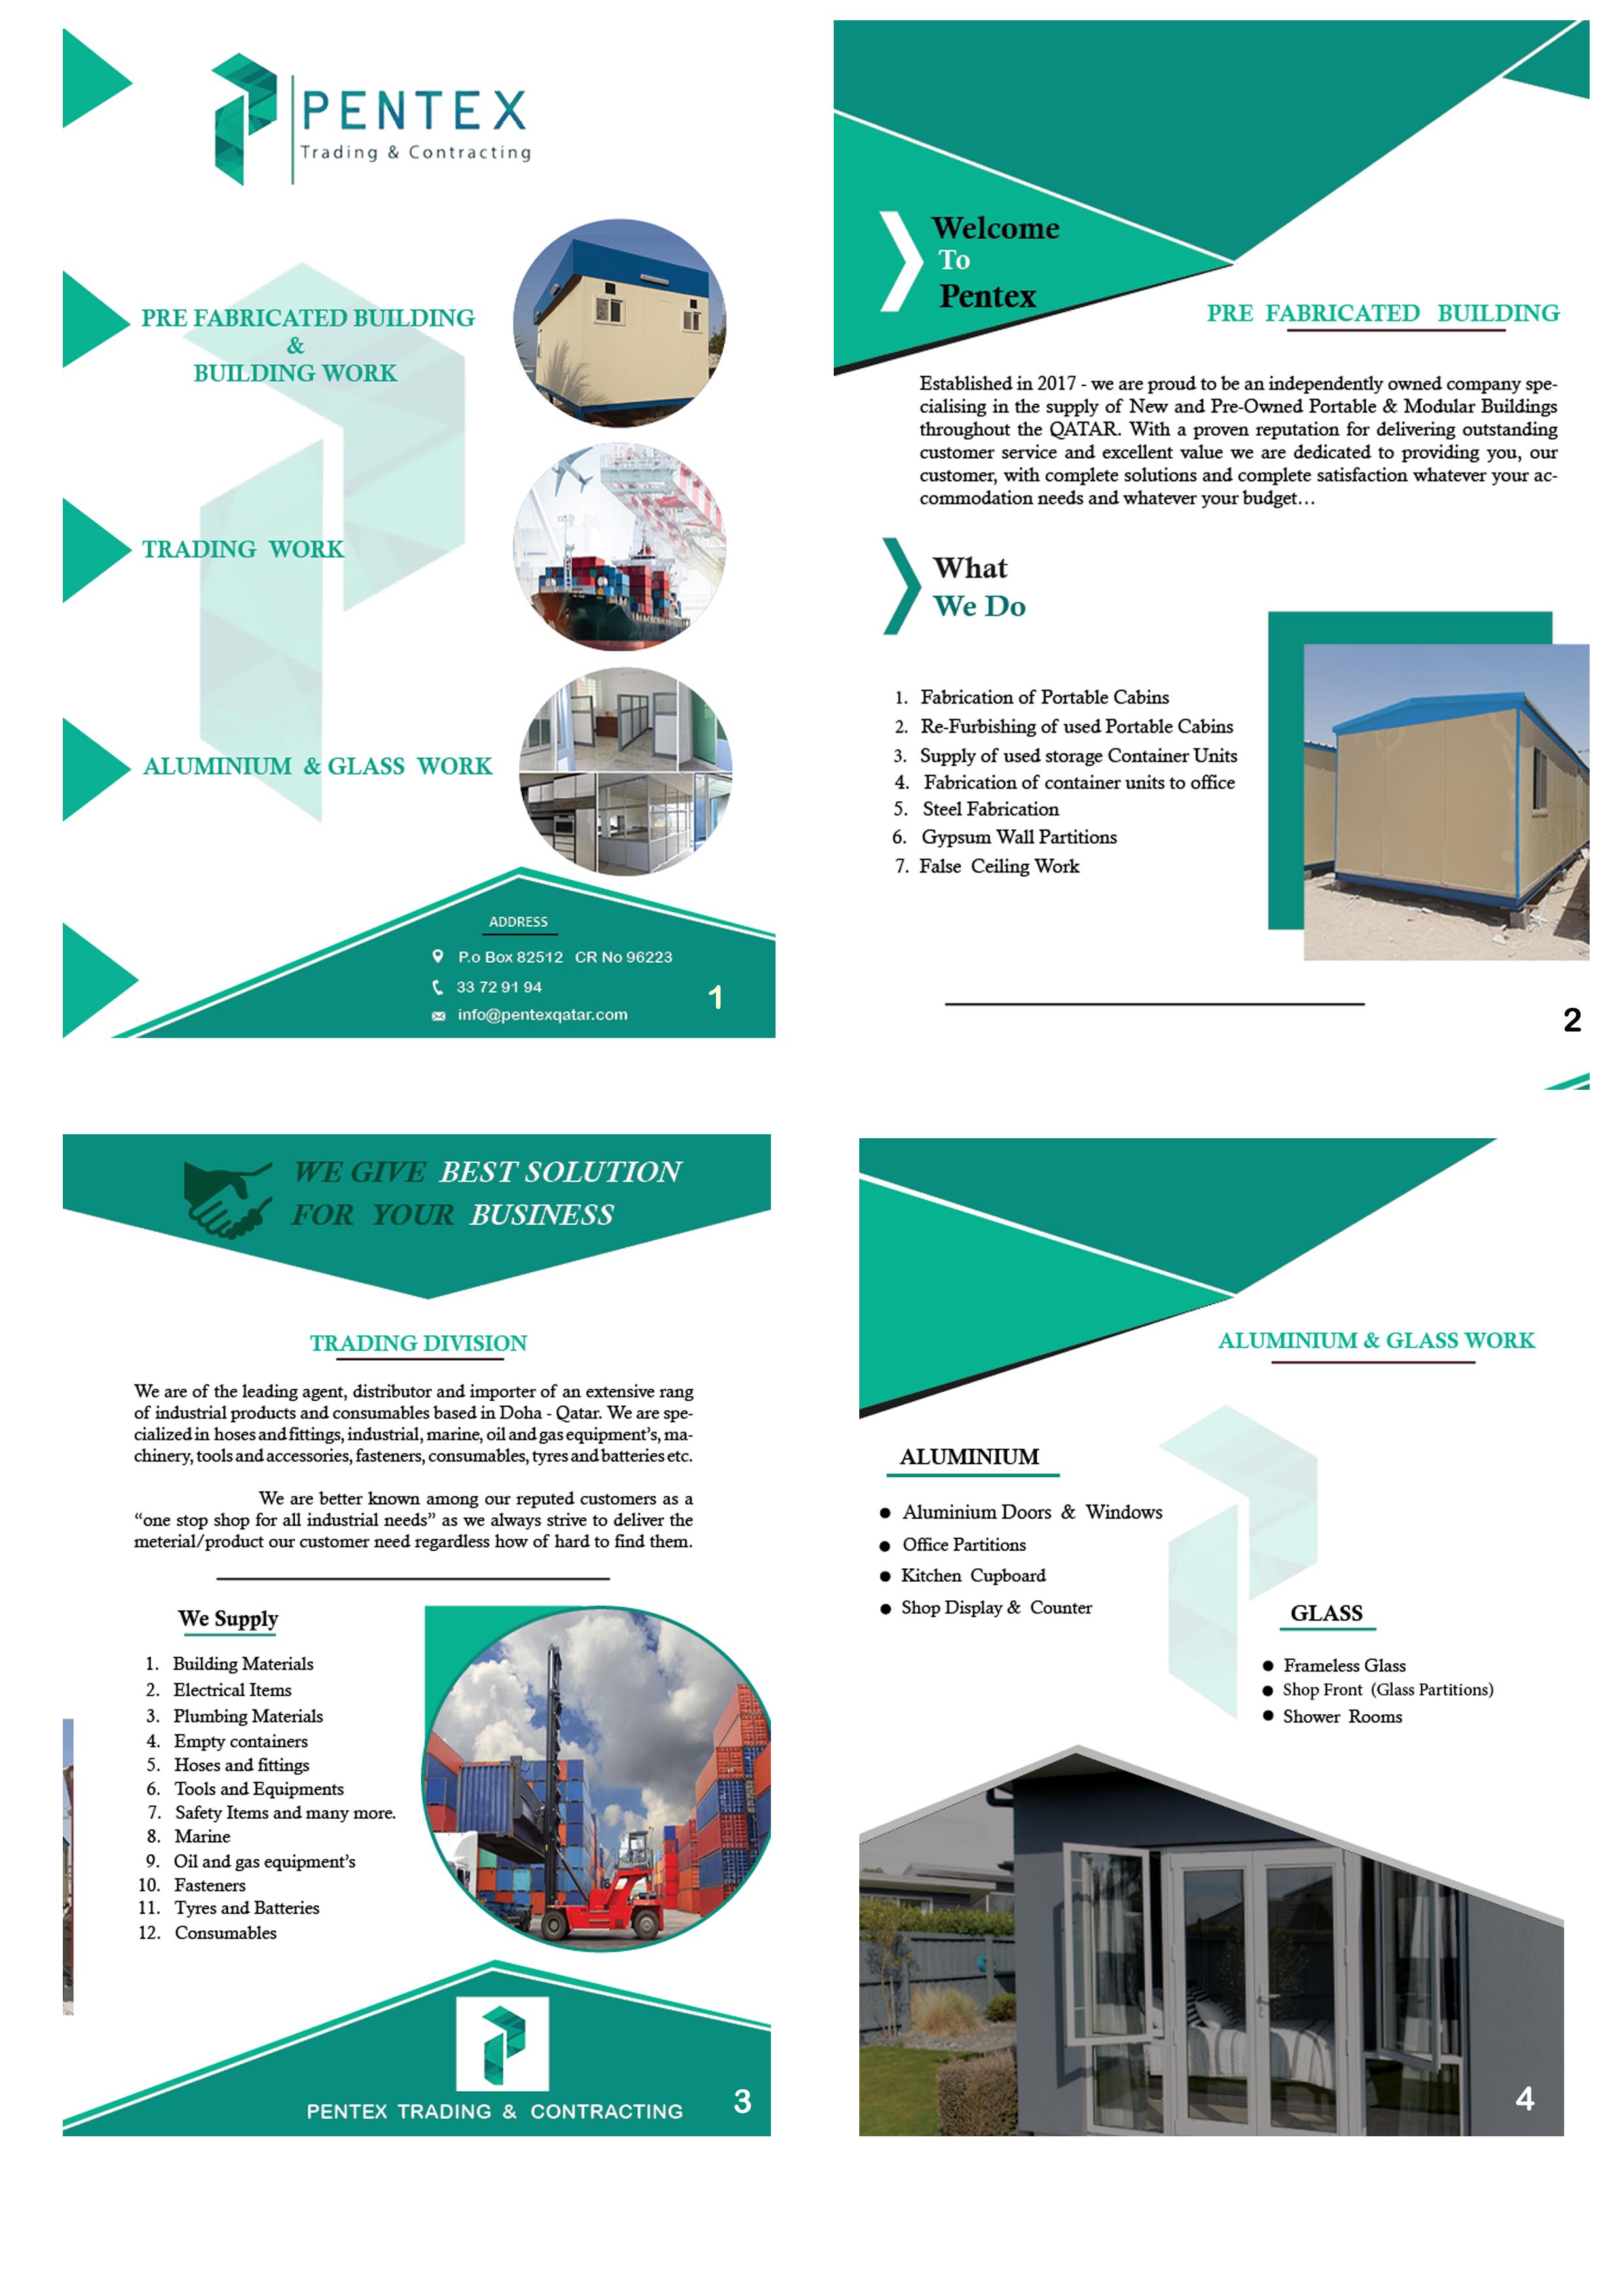 aluminium & glass division